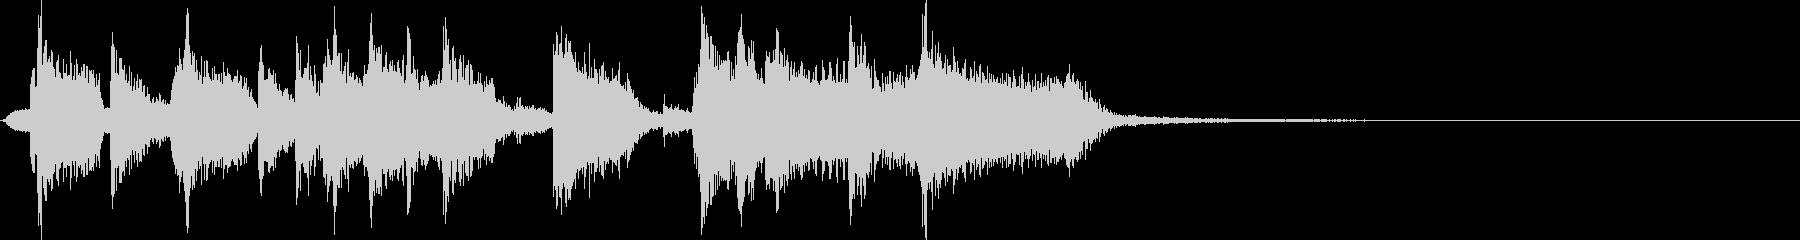 ロックなキメのあるエレキギタージングルの未再生の波形